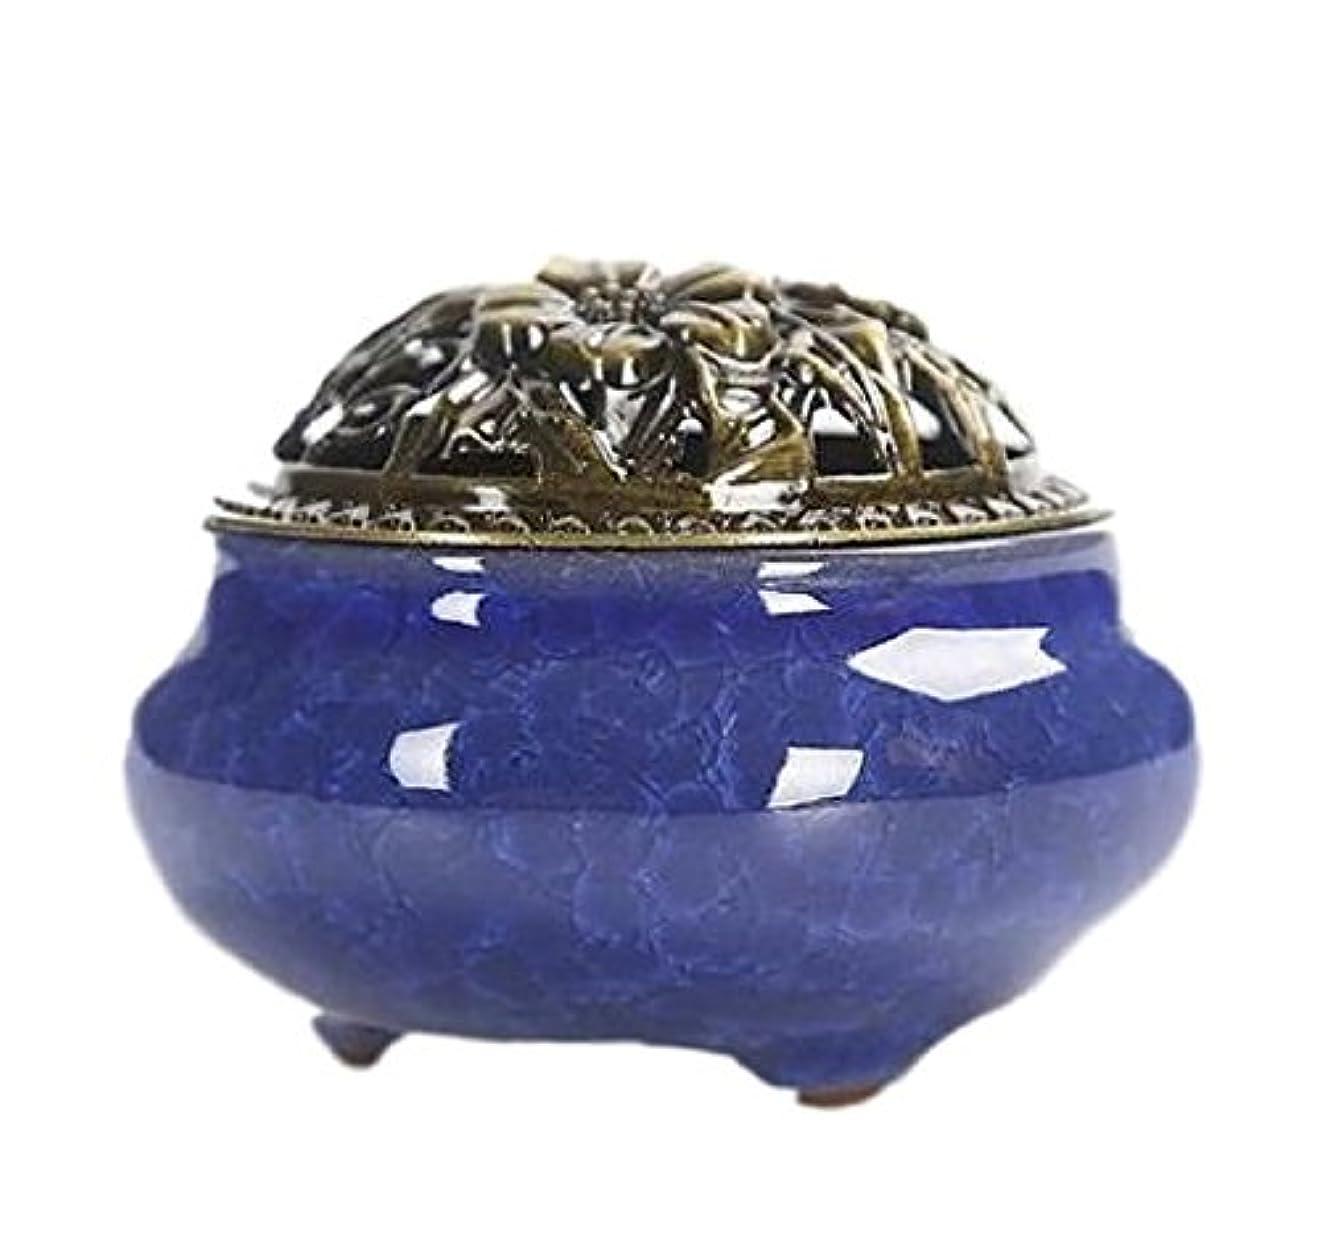 パトロールオリエンタル学者U-Pick 香炉 お香立て セット 心を落ち着かせてくれる 色合い 陶器 サファイア色